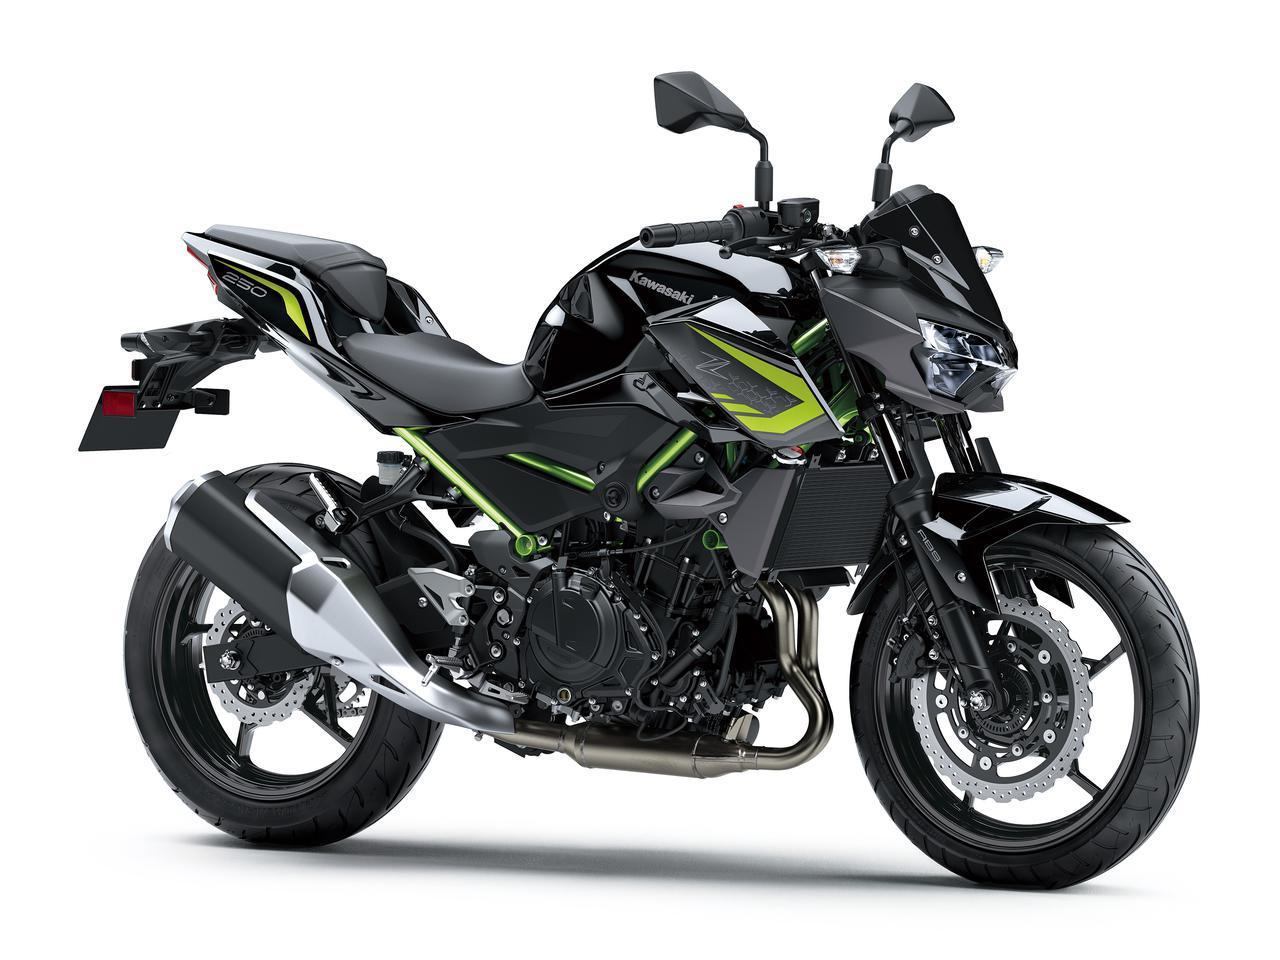 画像8: カワサキが「Z250」の2021年モデルを発売! 2020年モデルと比較してみよう【2021速報】